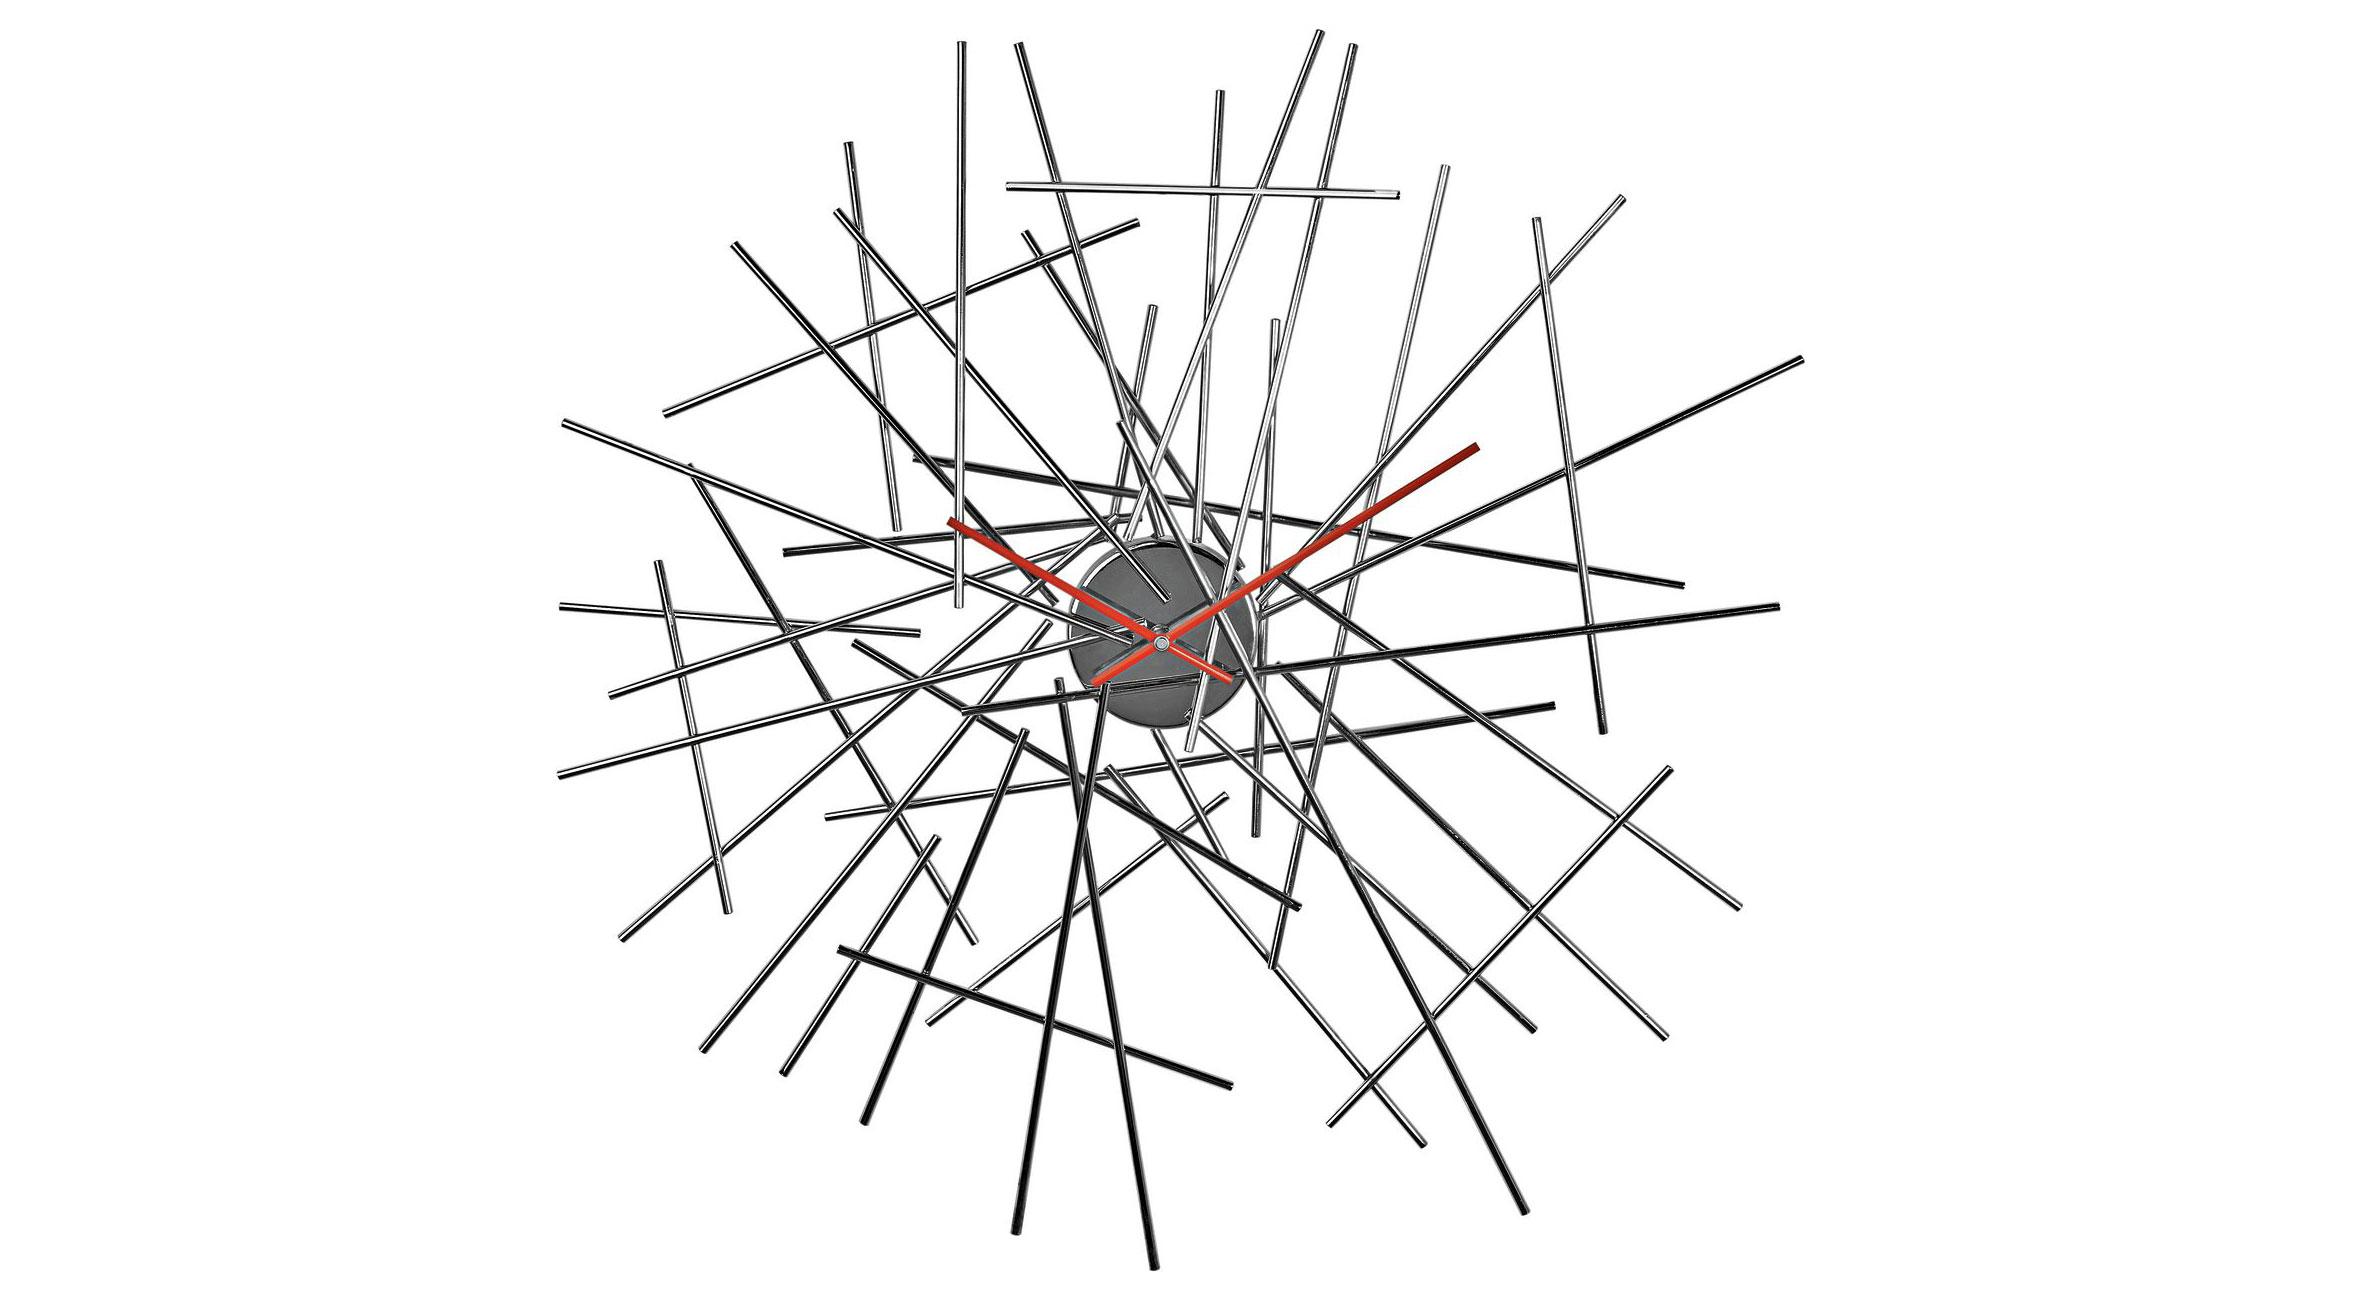 Scarica BIM Models Oggettistica  Alessi  Blowup orologio